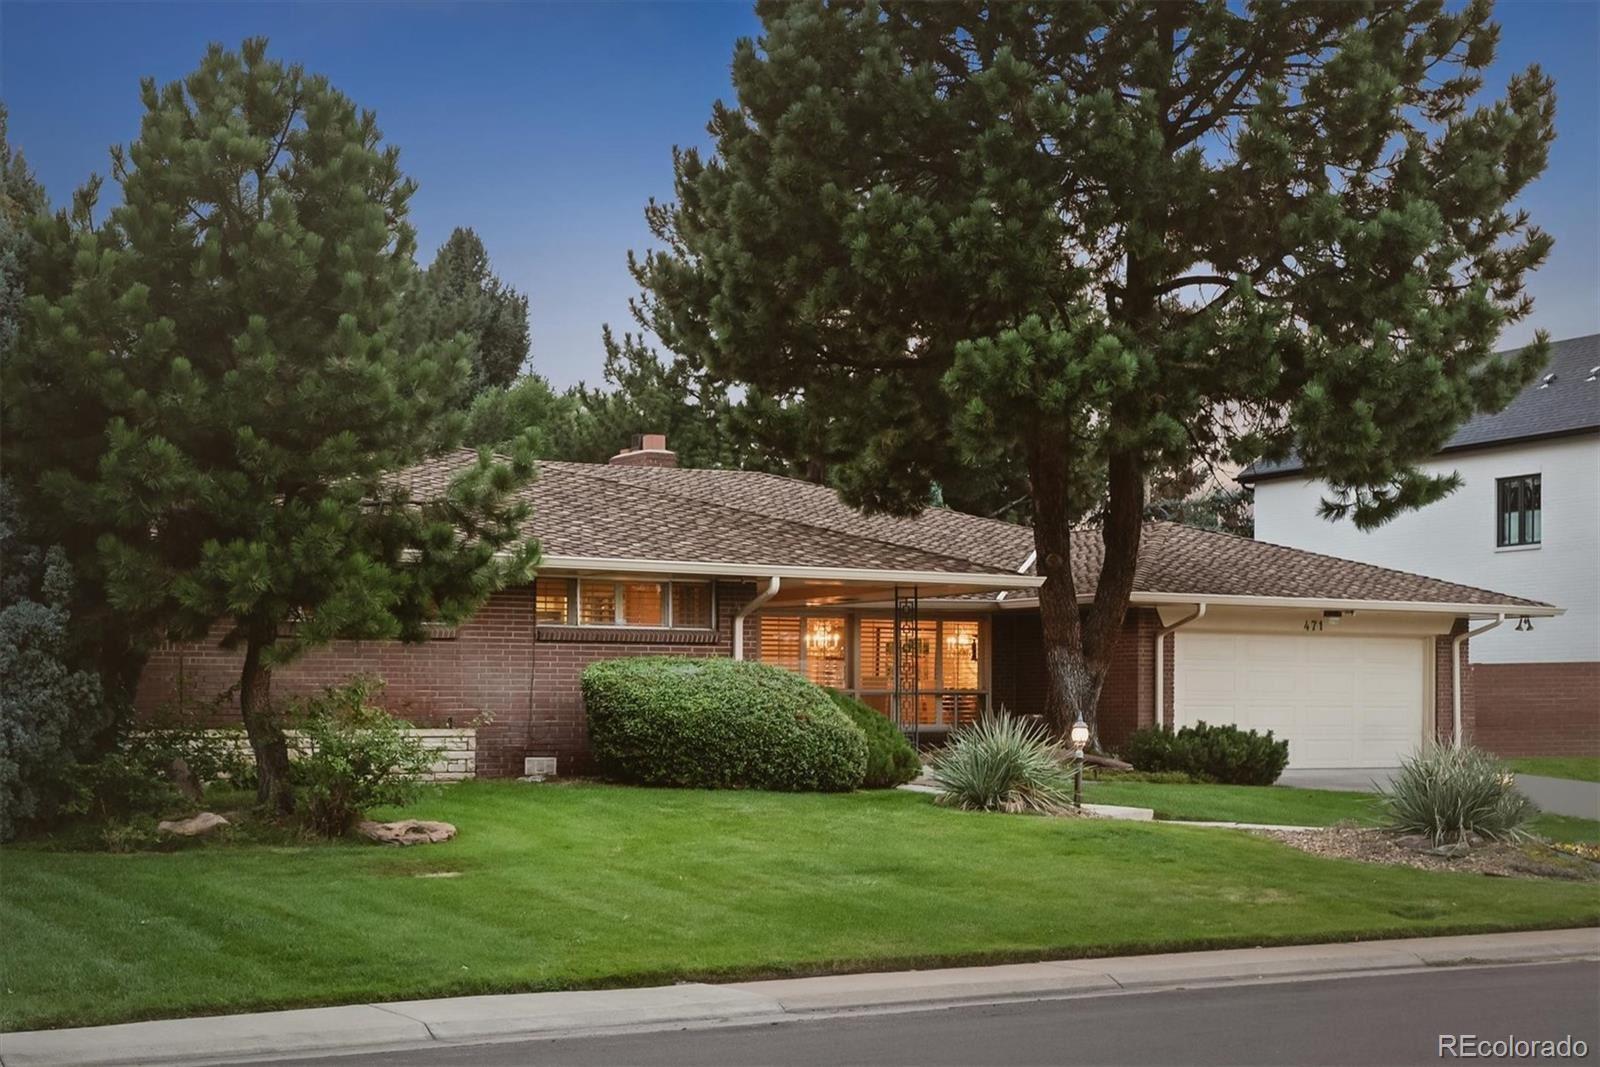 Photo of 471 Leyden Street, Denver, CO 80220 (MLS # 7707980)